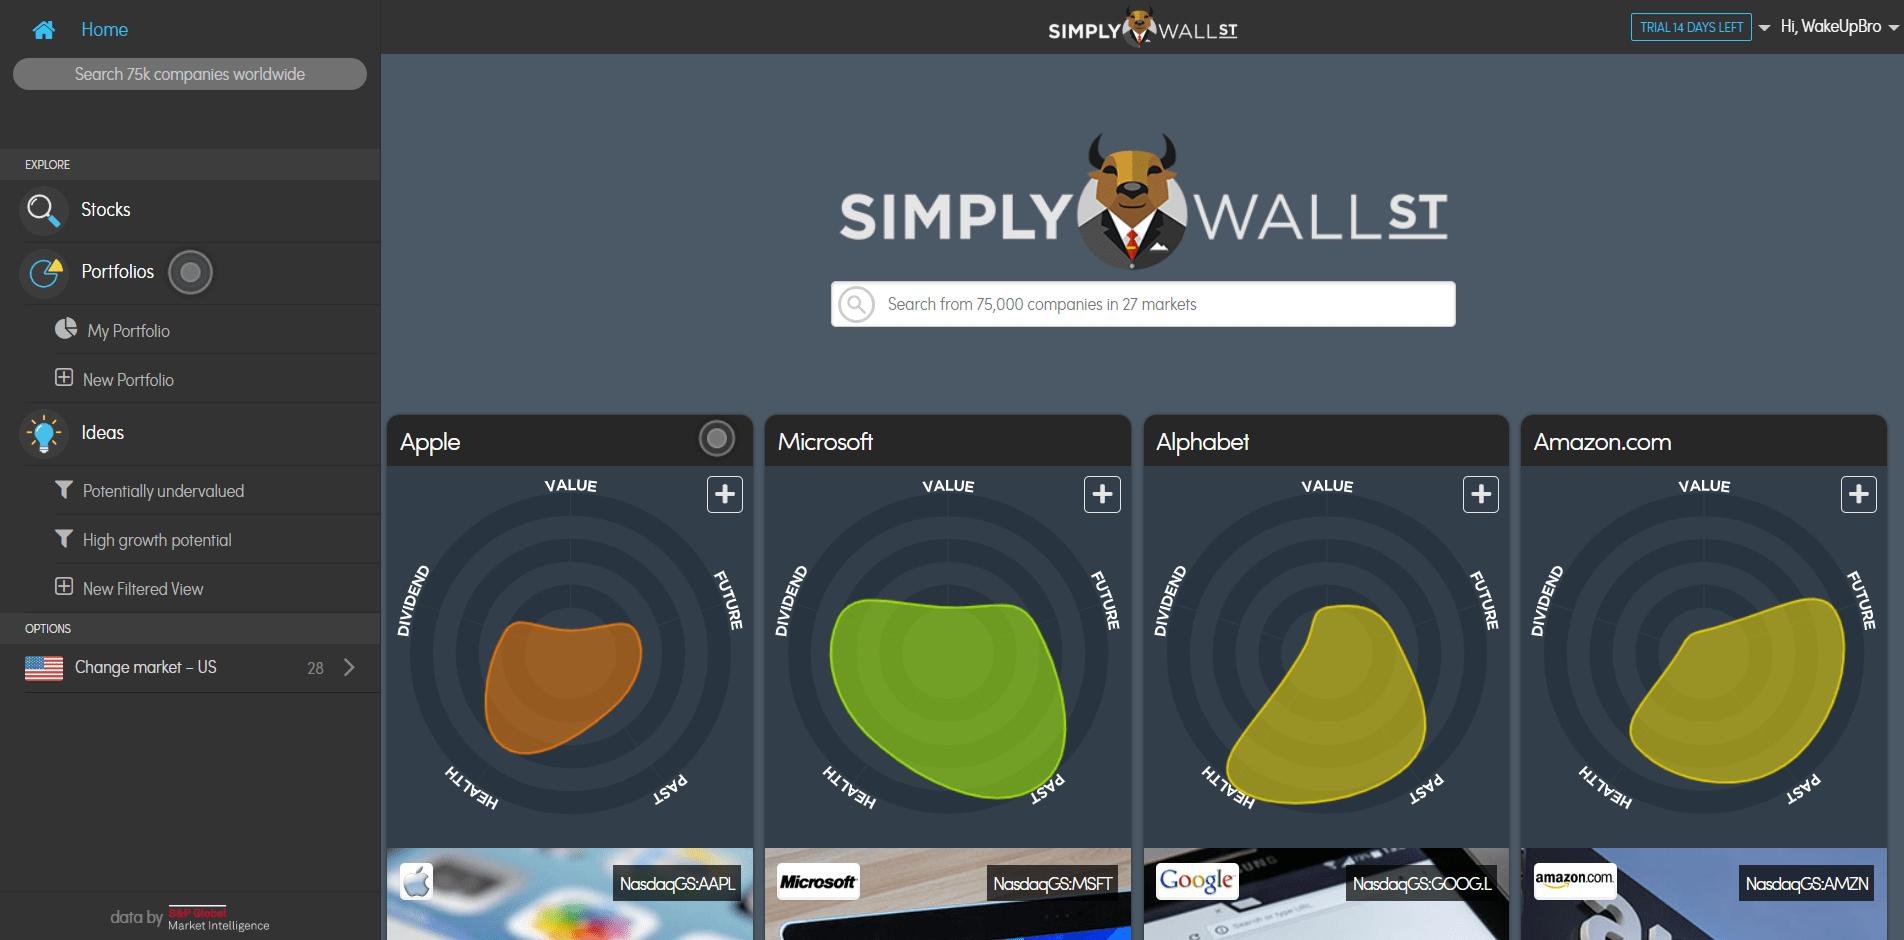 Сервис simplywall.st